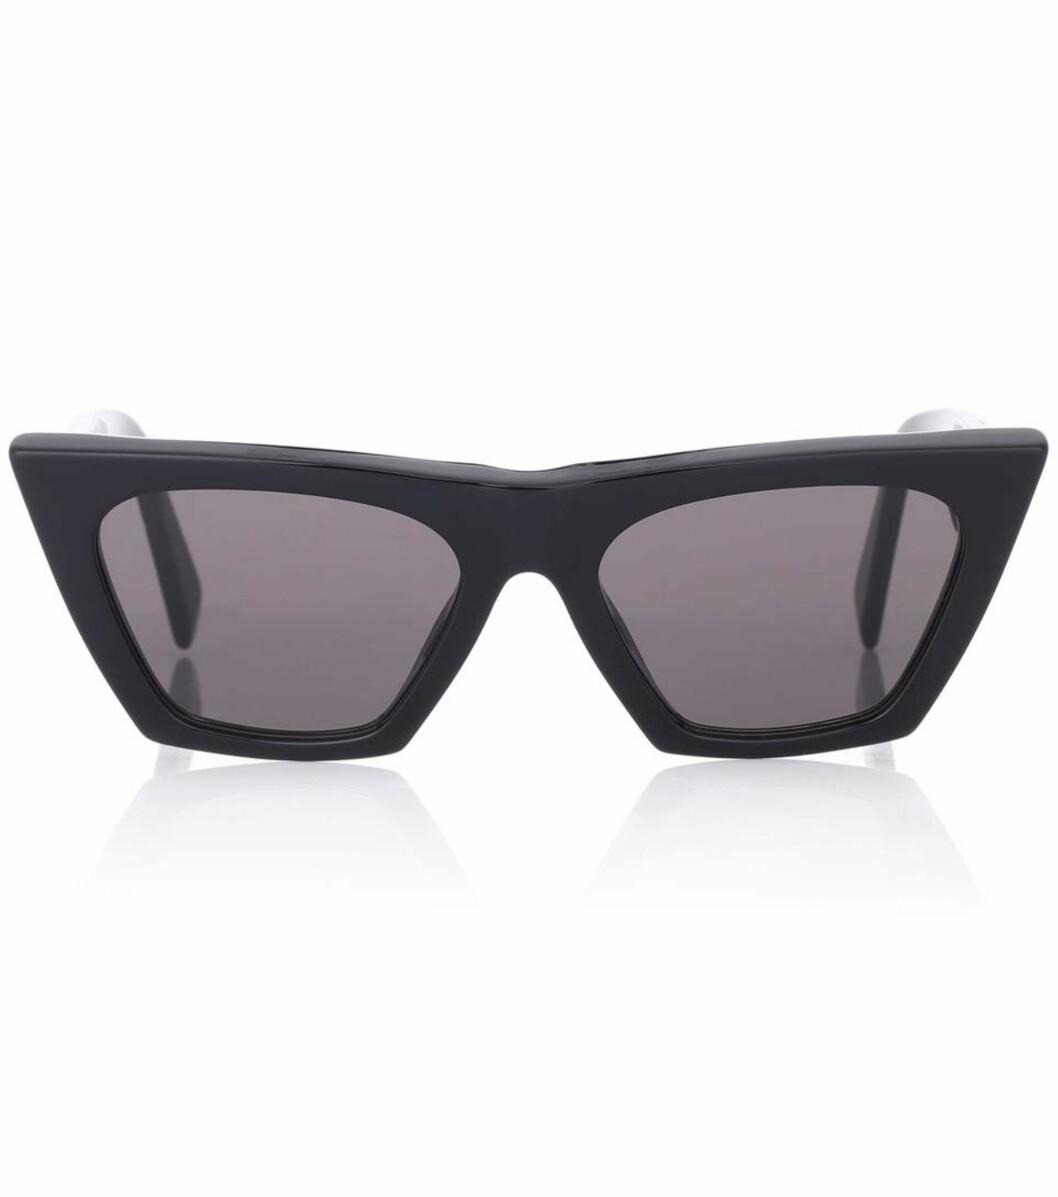 Solbriller fra Celine via Mytheresa.com |3000,-| https://www.mytheresa.com/en-de/celine-eyewear-edge-cat-eye-sunglasses-894611.html?catref=category